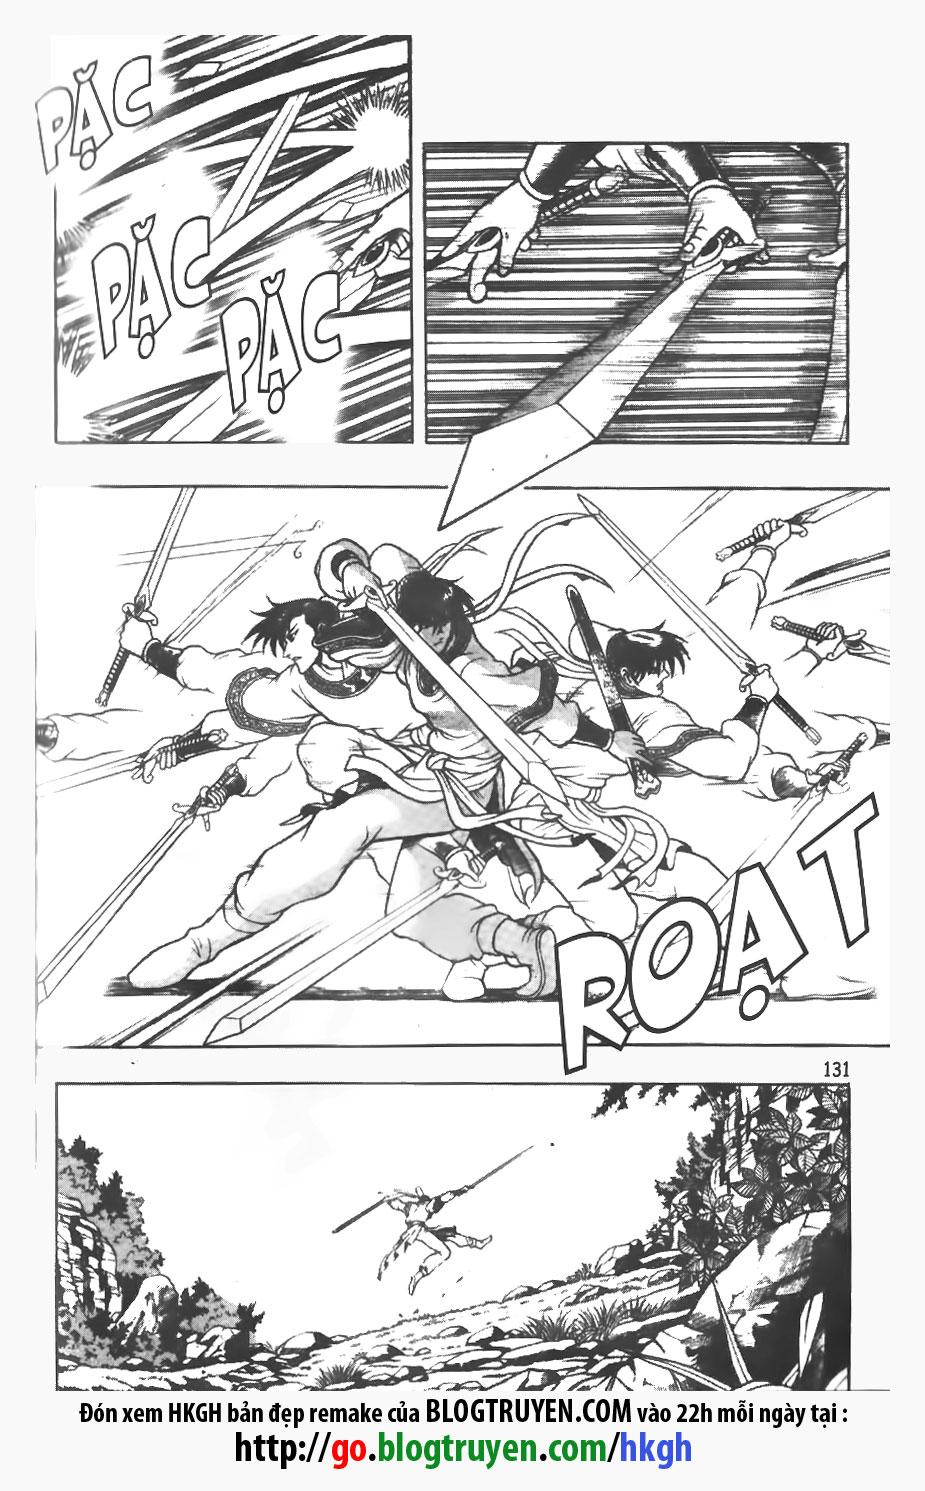 xem truyen moi - Hiệp Khách Giang Hồ Vol12 - Chap 080 - Remake